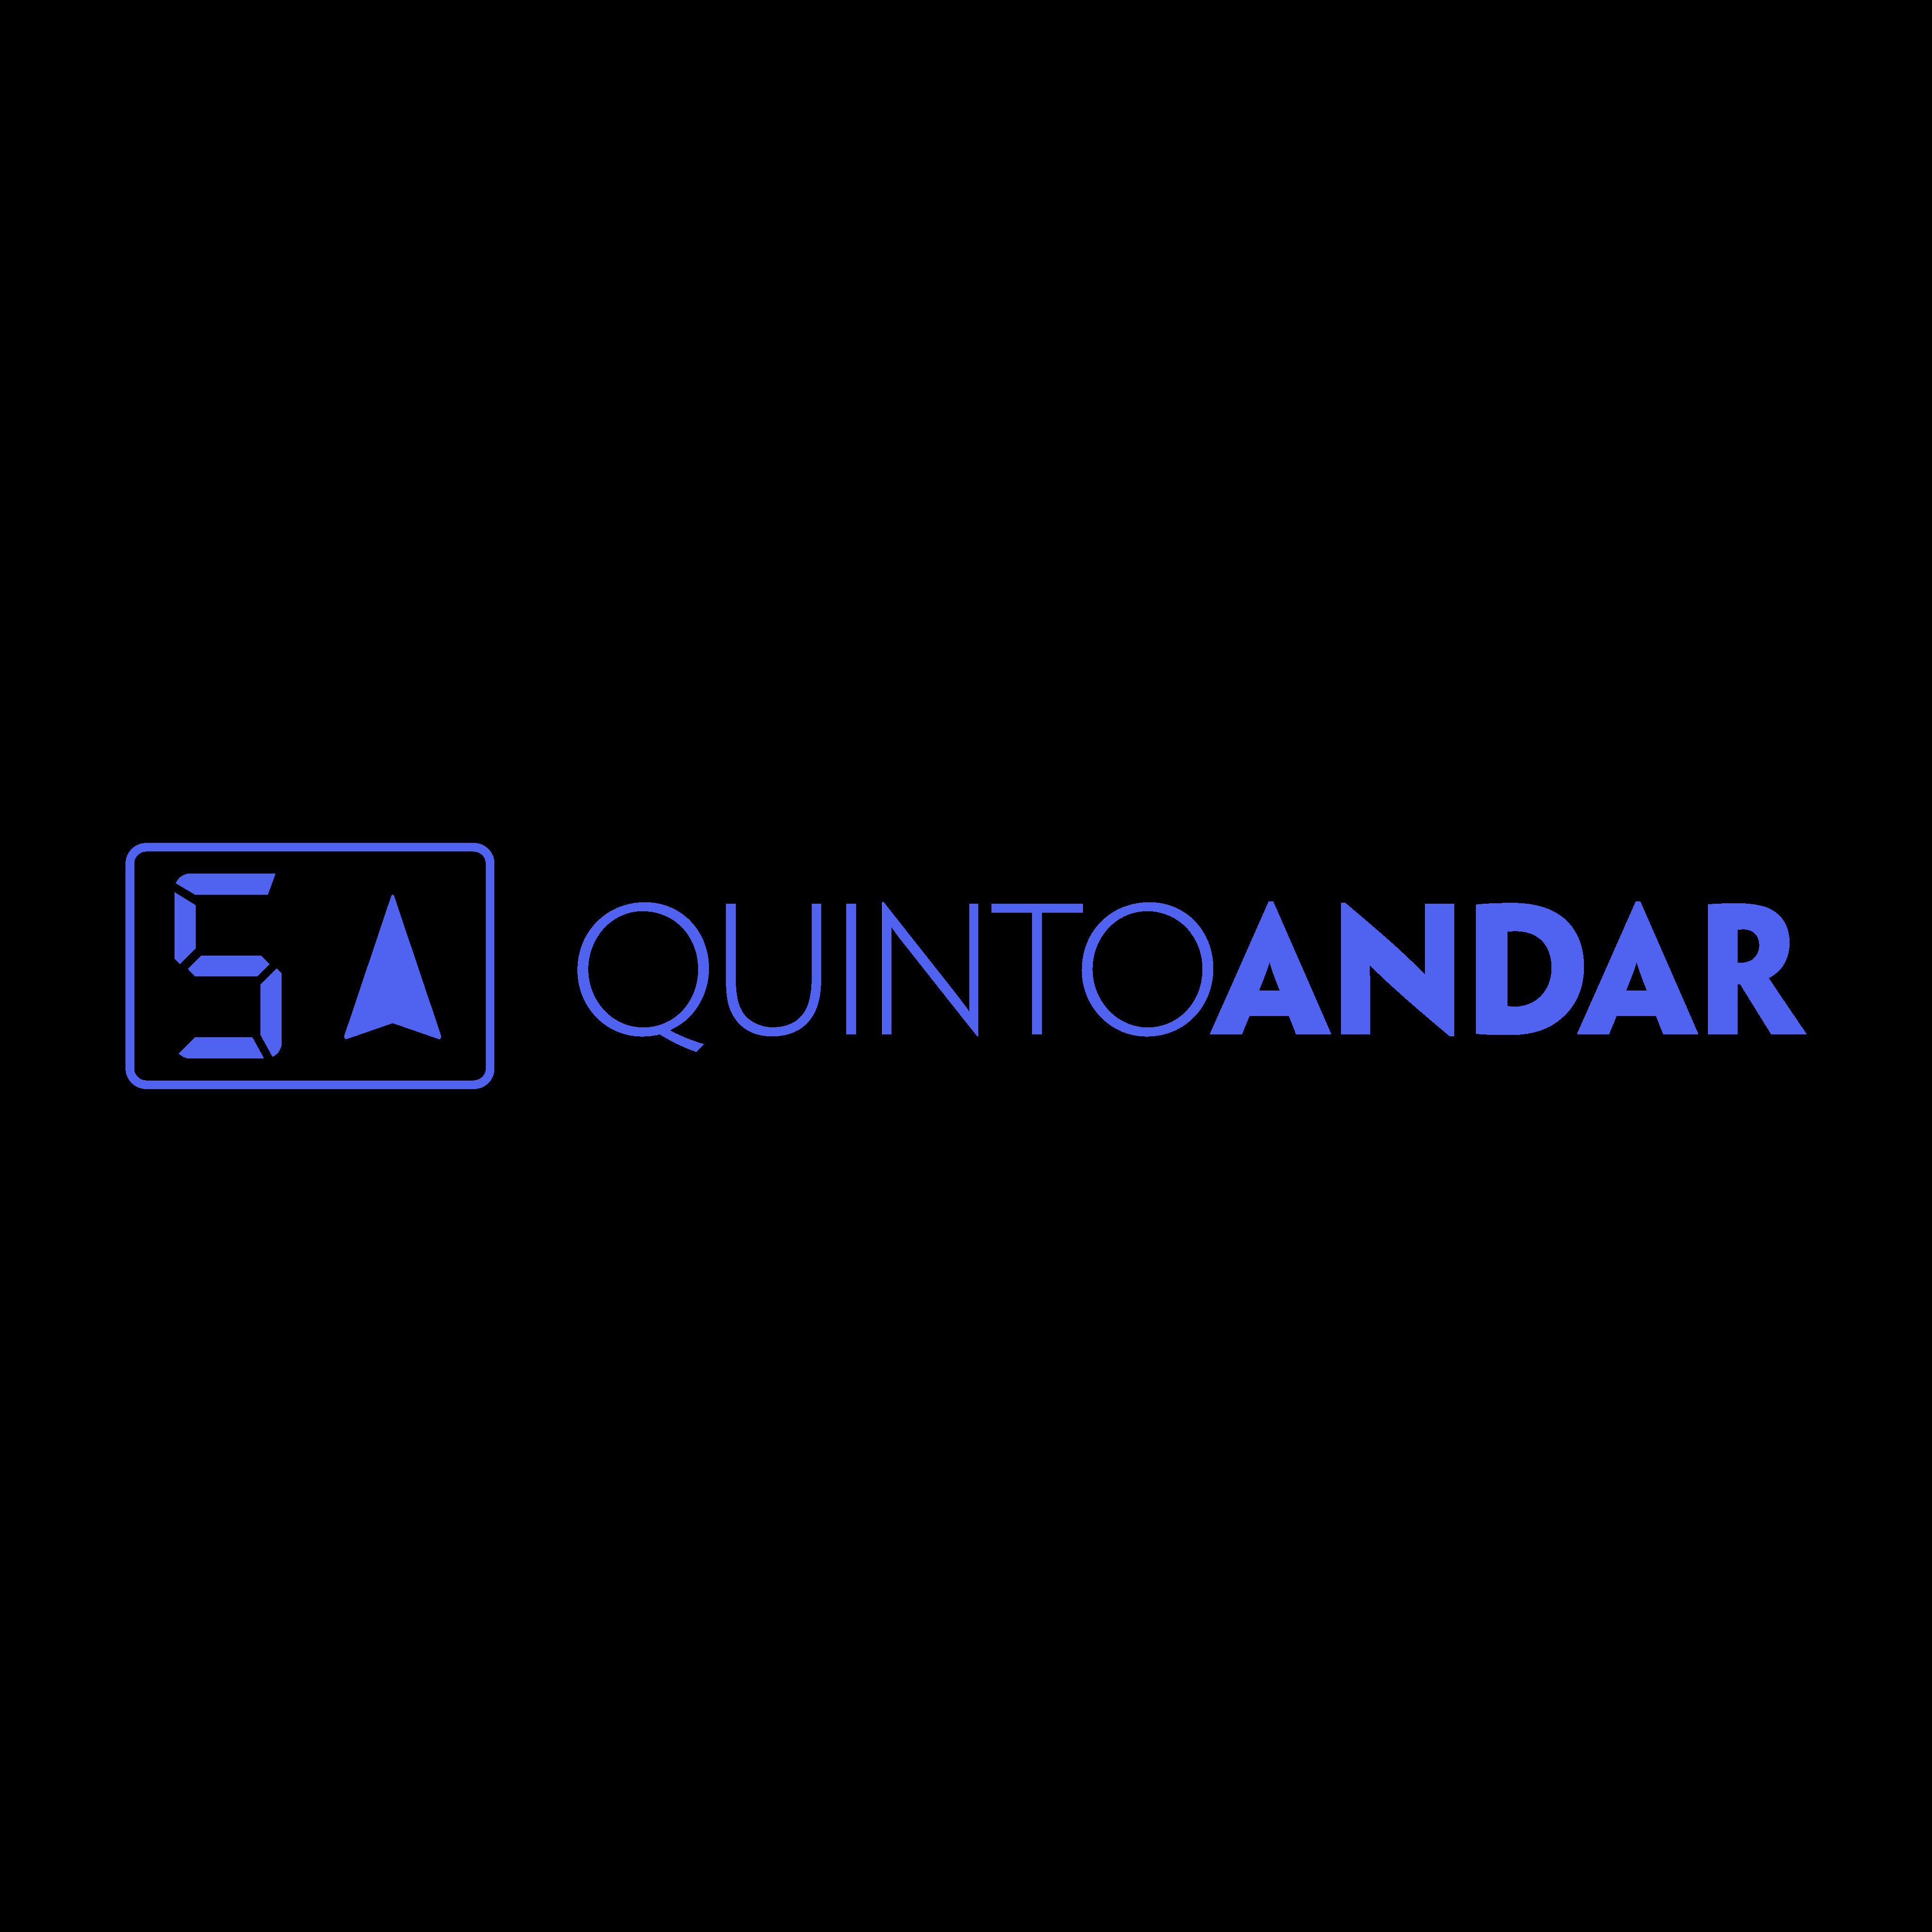 quintoandar logo 0 - QuintoAndar Logo